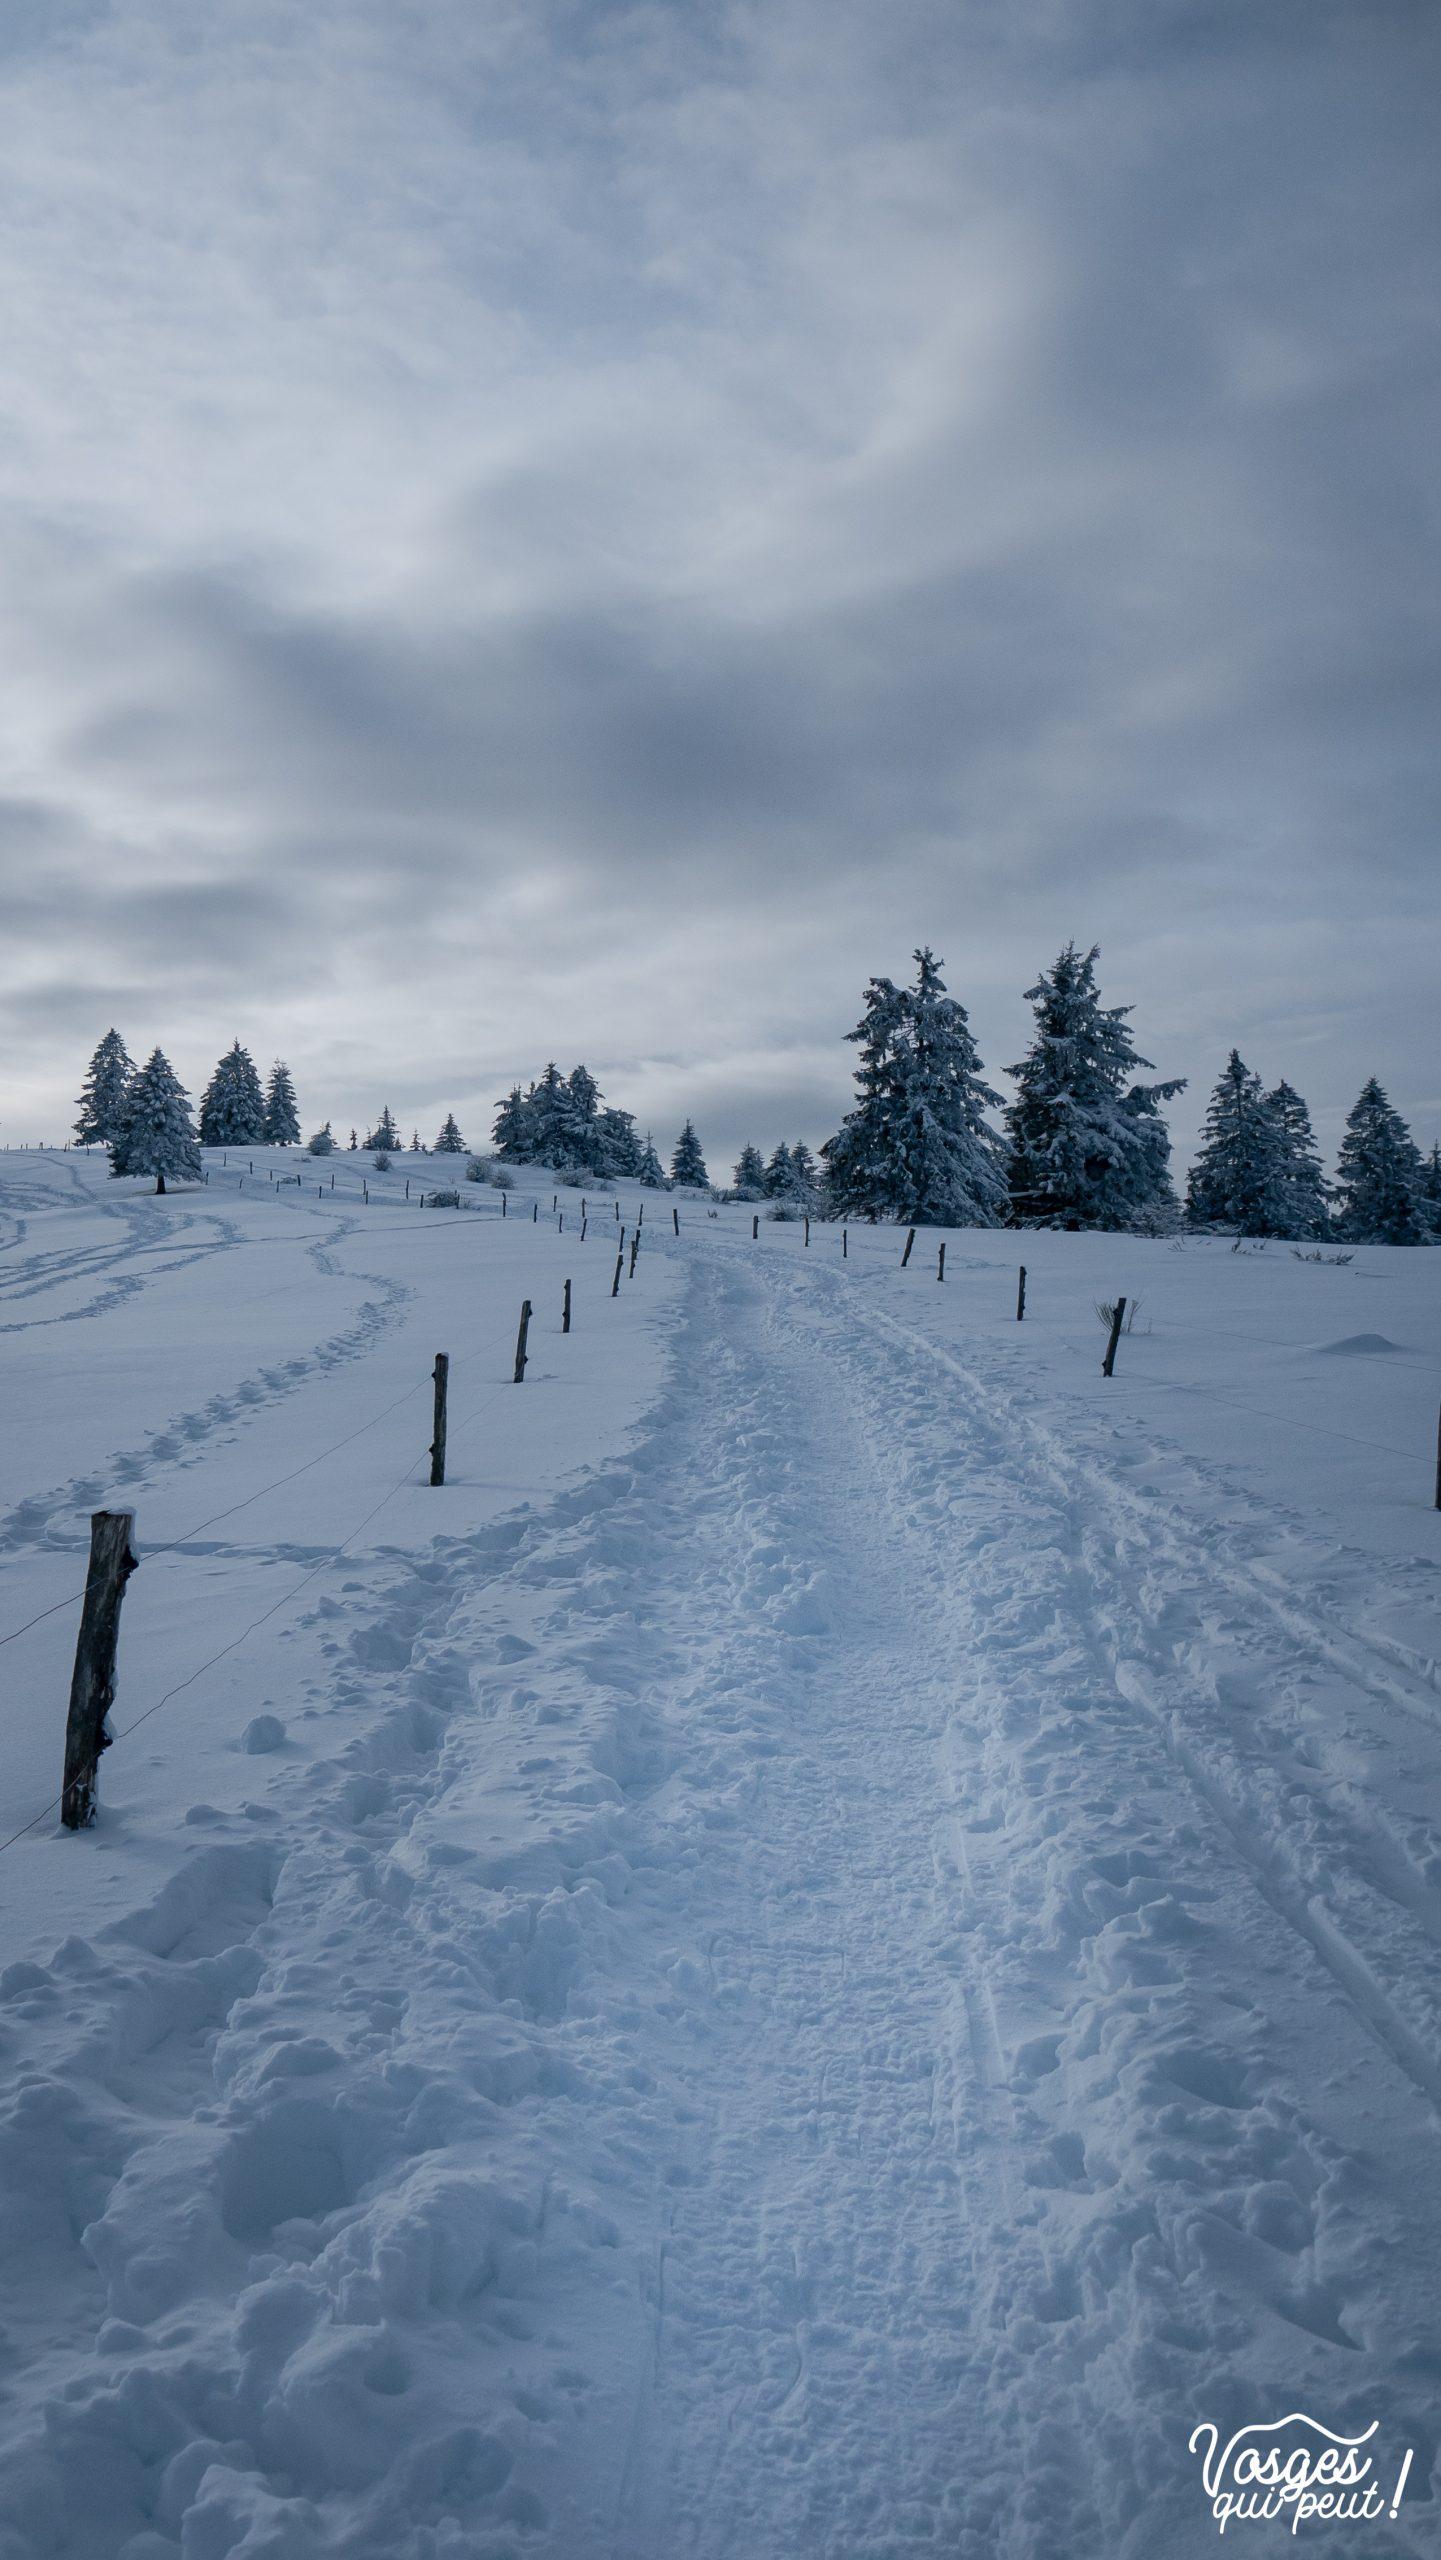 Le Schelmeck, sommet au-dessus de Grendelbruch dans les Vosges